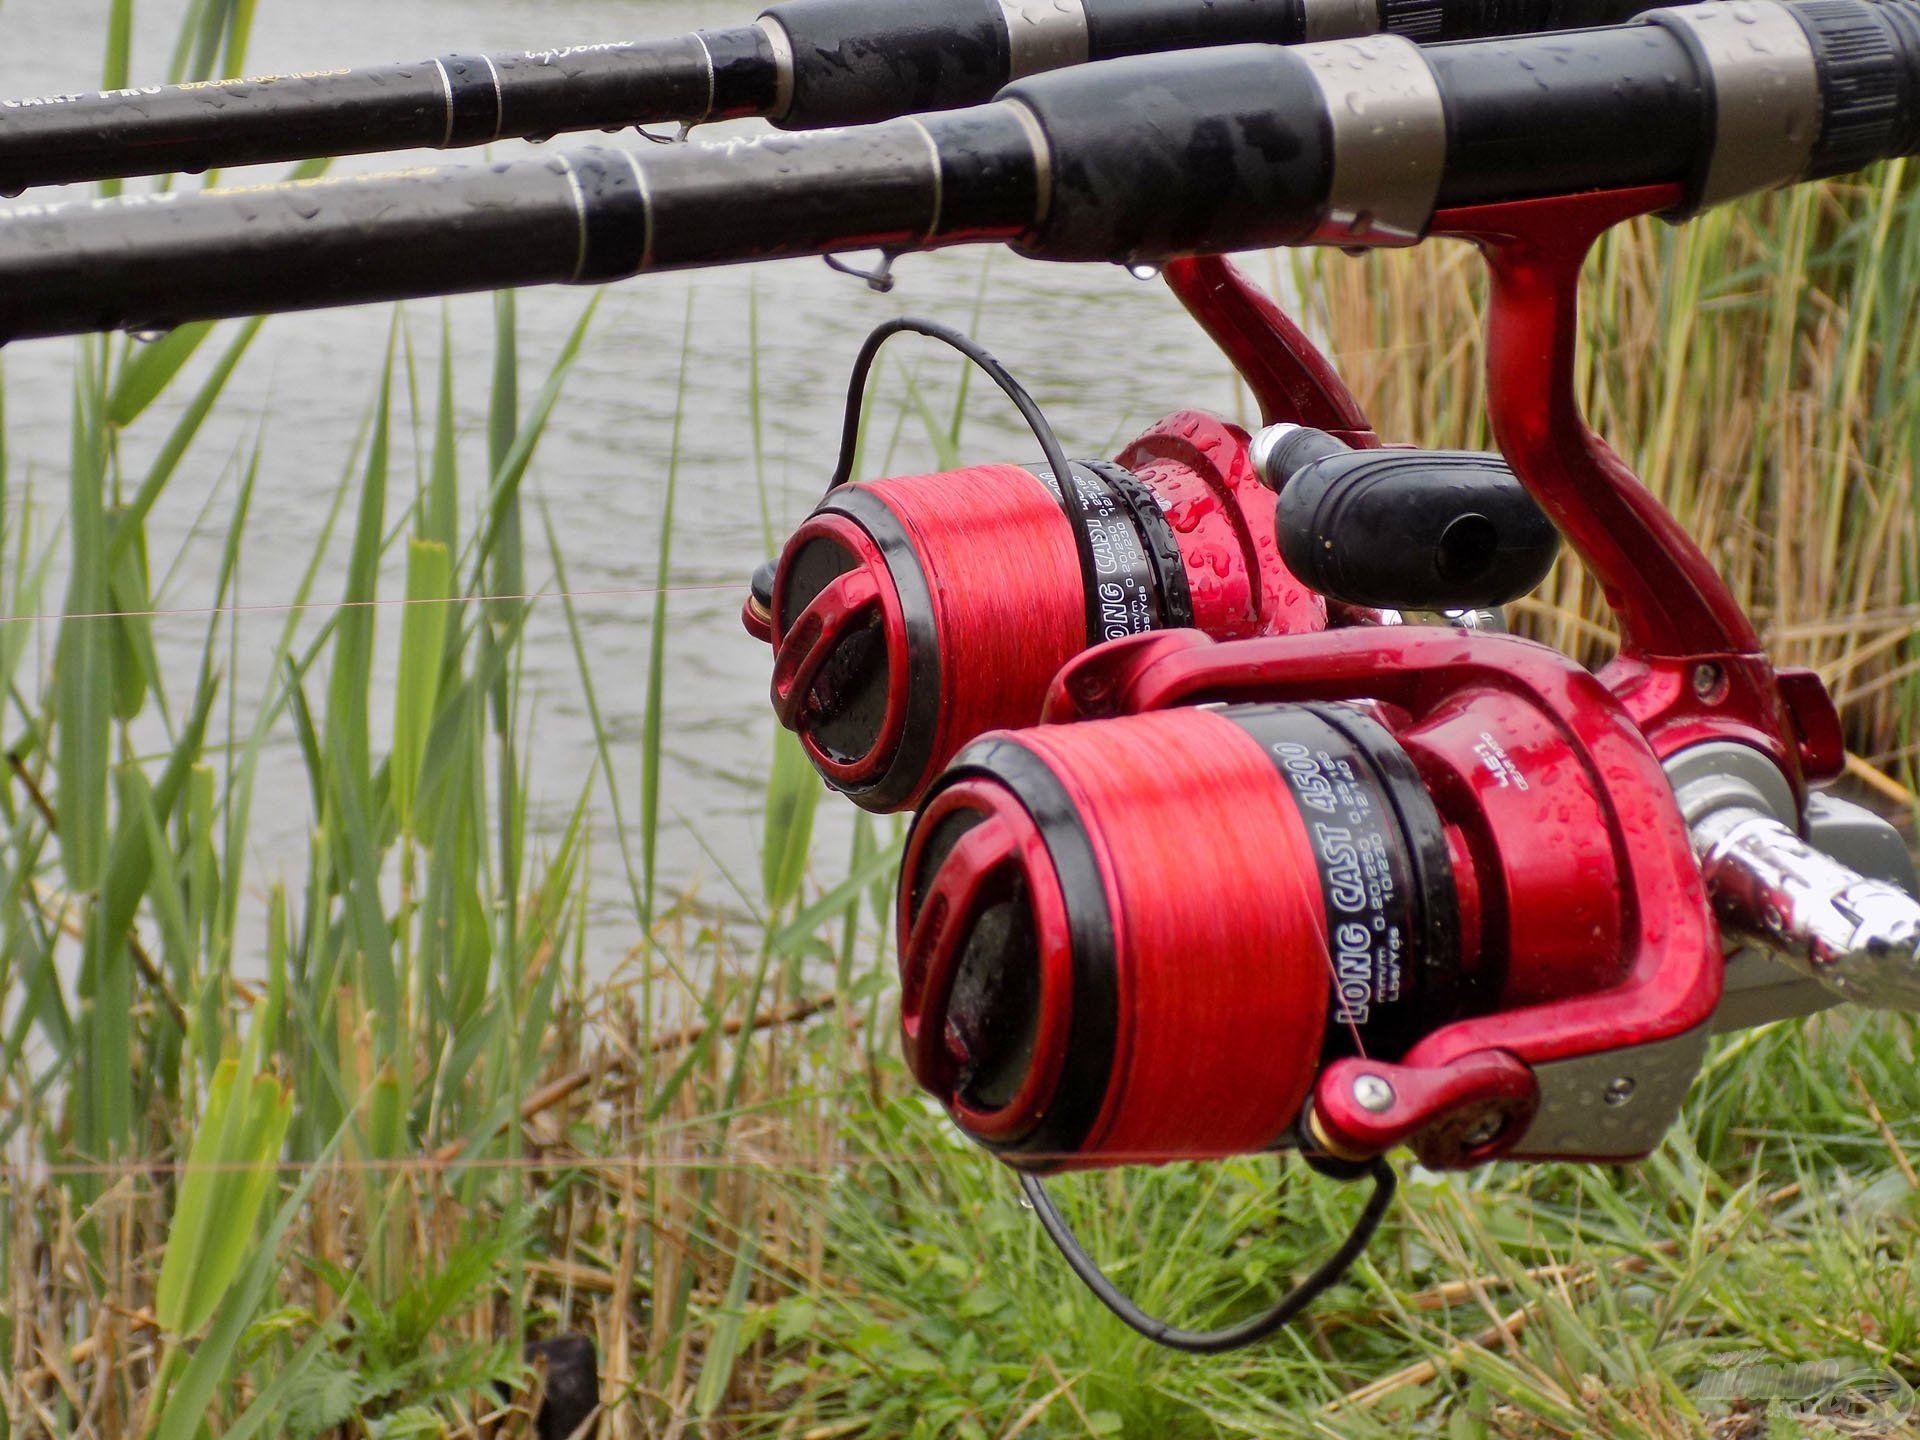 Nagy dobások, nagy halak, nem akadály! Precíz fékrendszerű orsók, szép zsinórképpel, megbízható működéssel. Nagy megelégedéssel használom őket évek óta